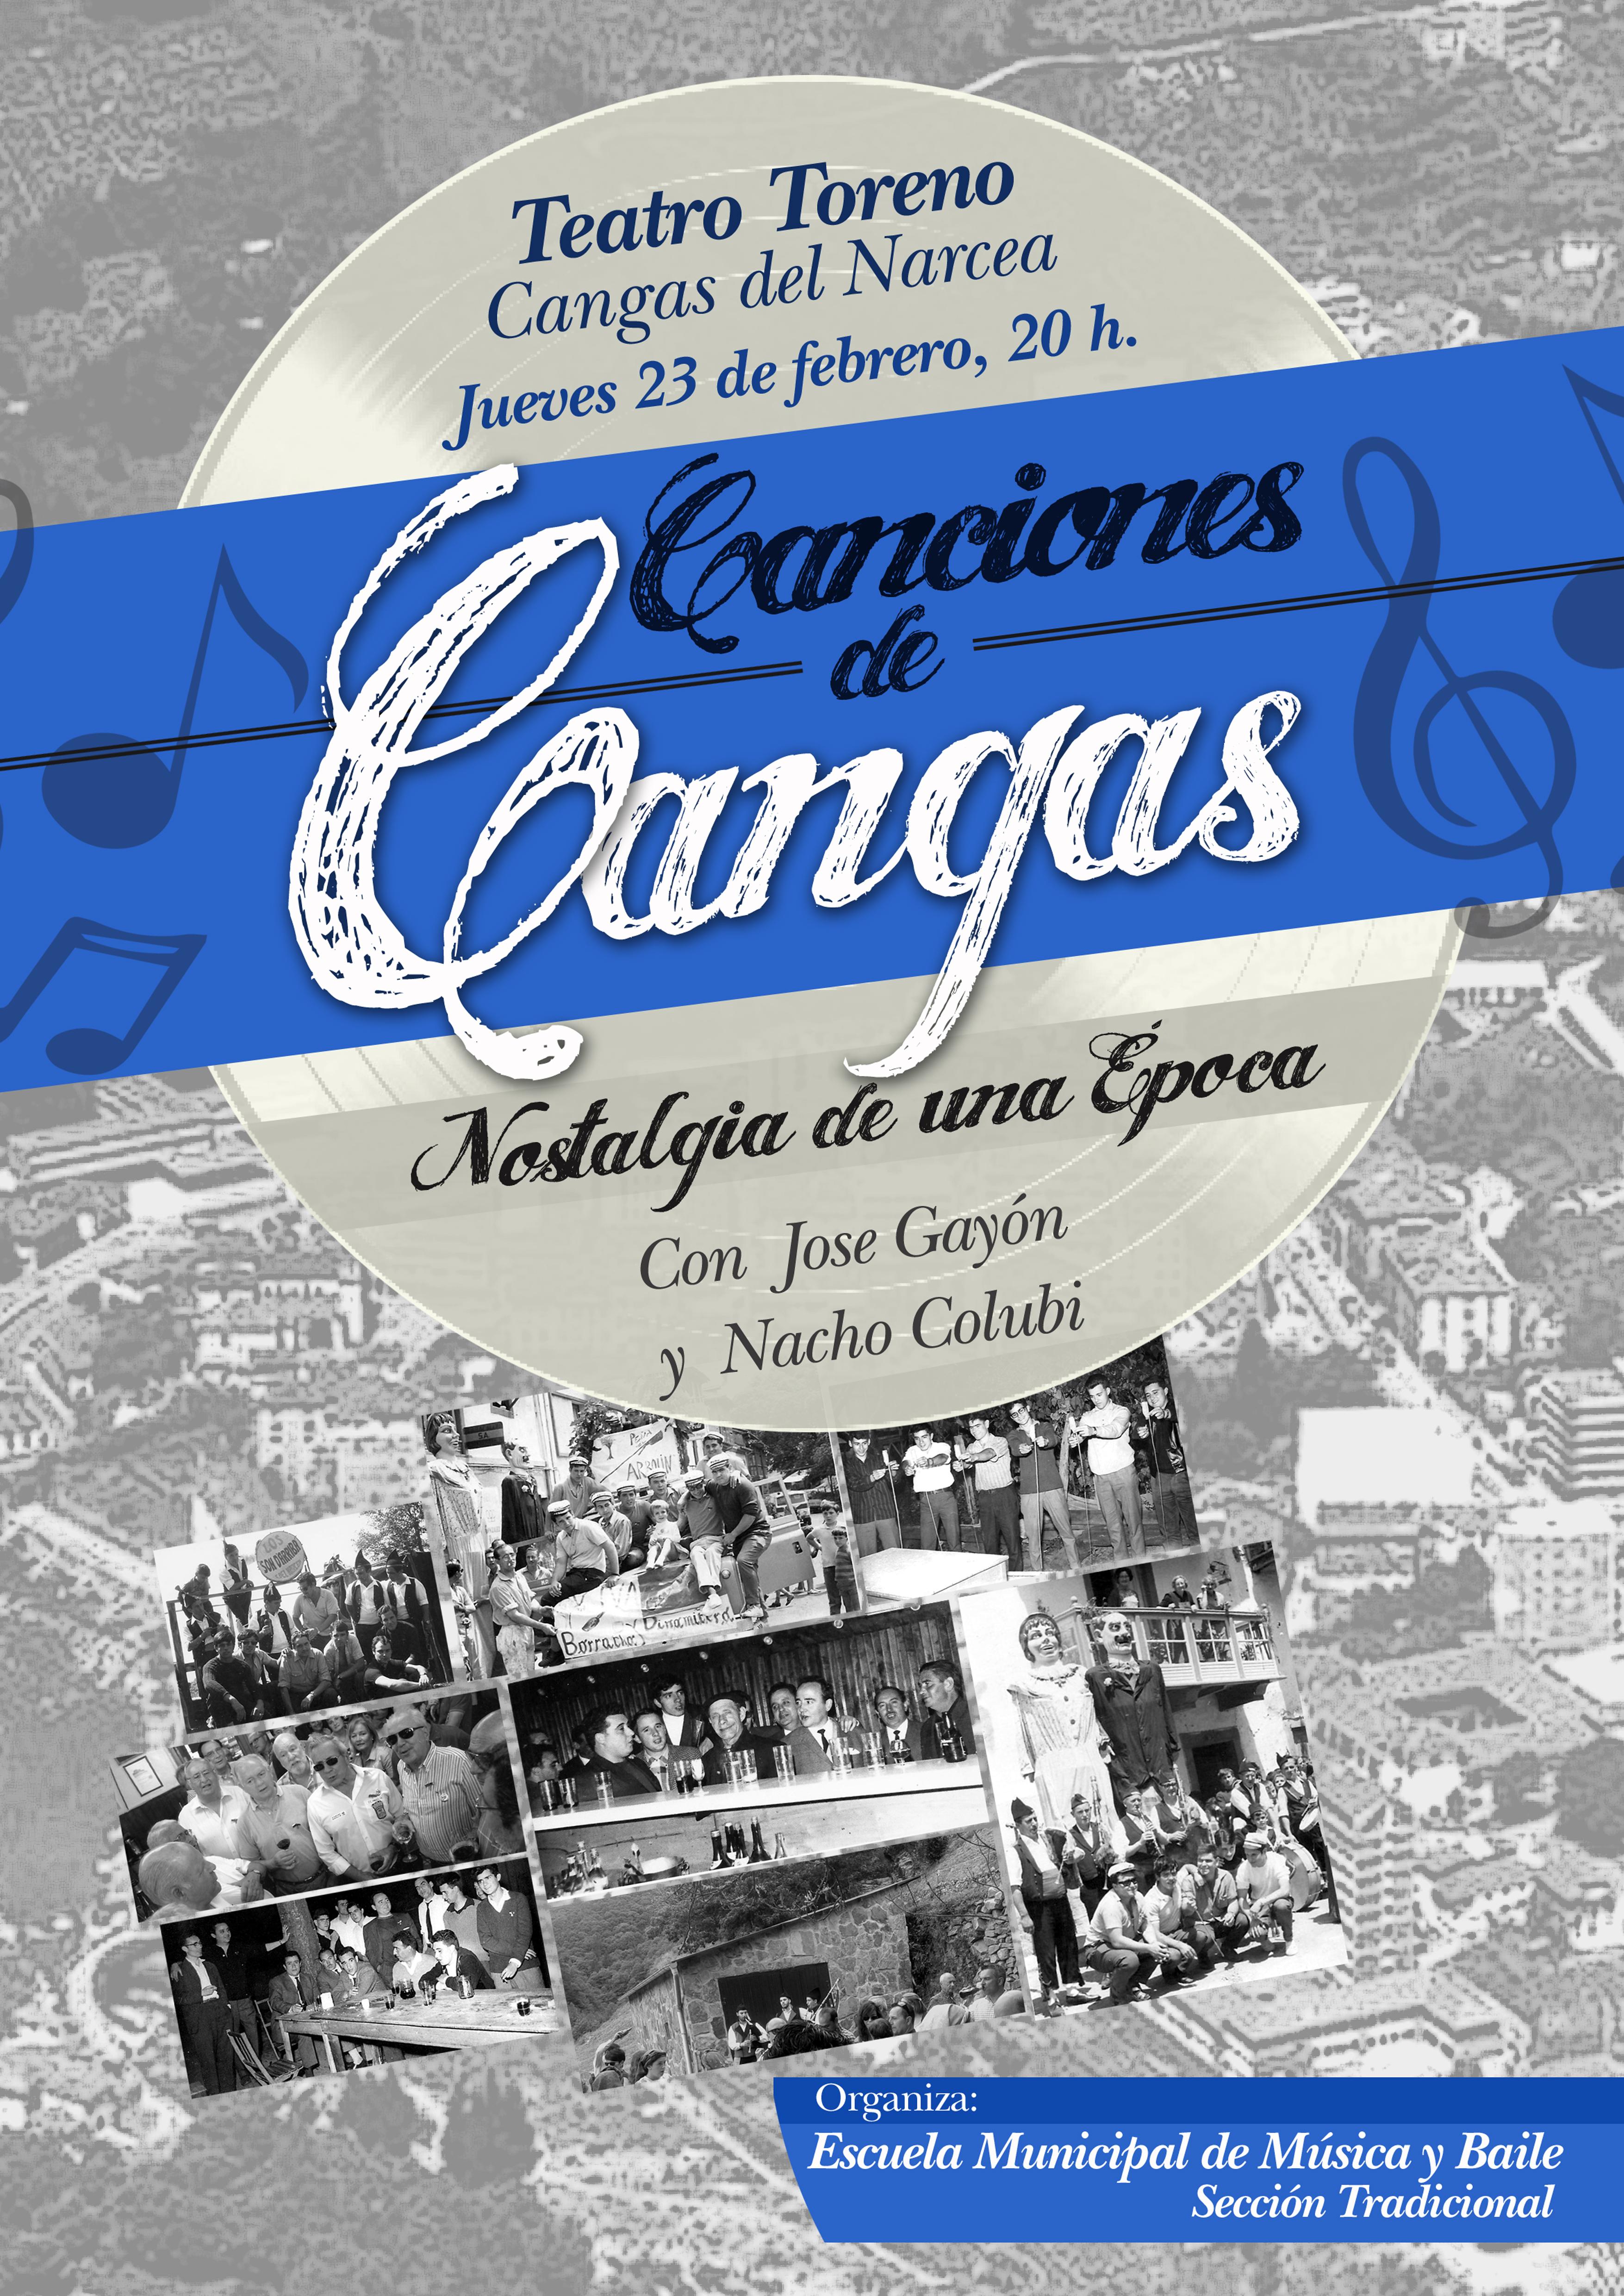 CANGAS DEL NARCEA.- Canciones de siempre